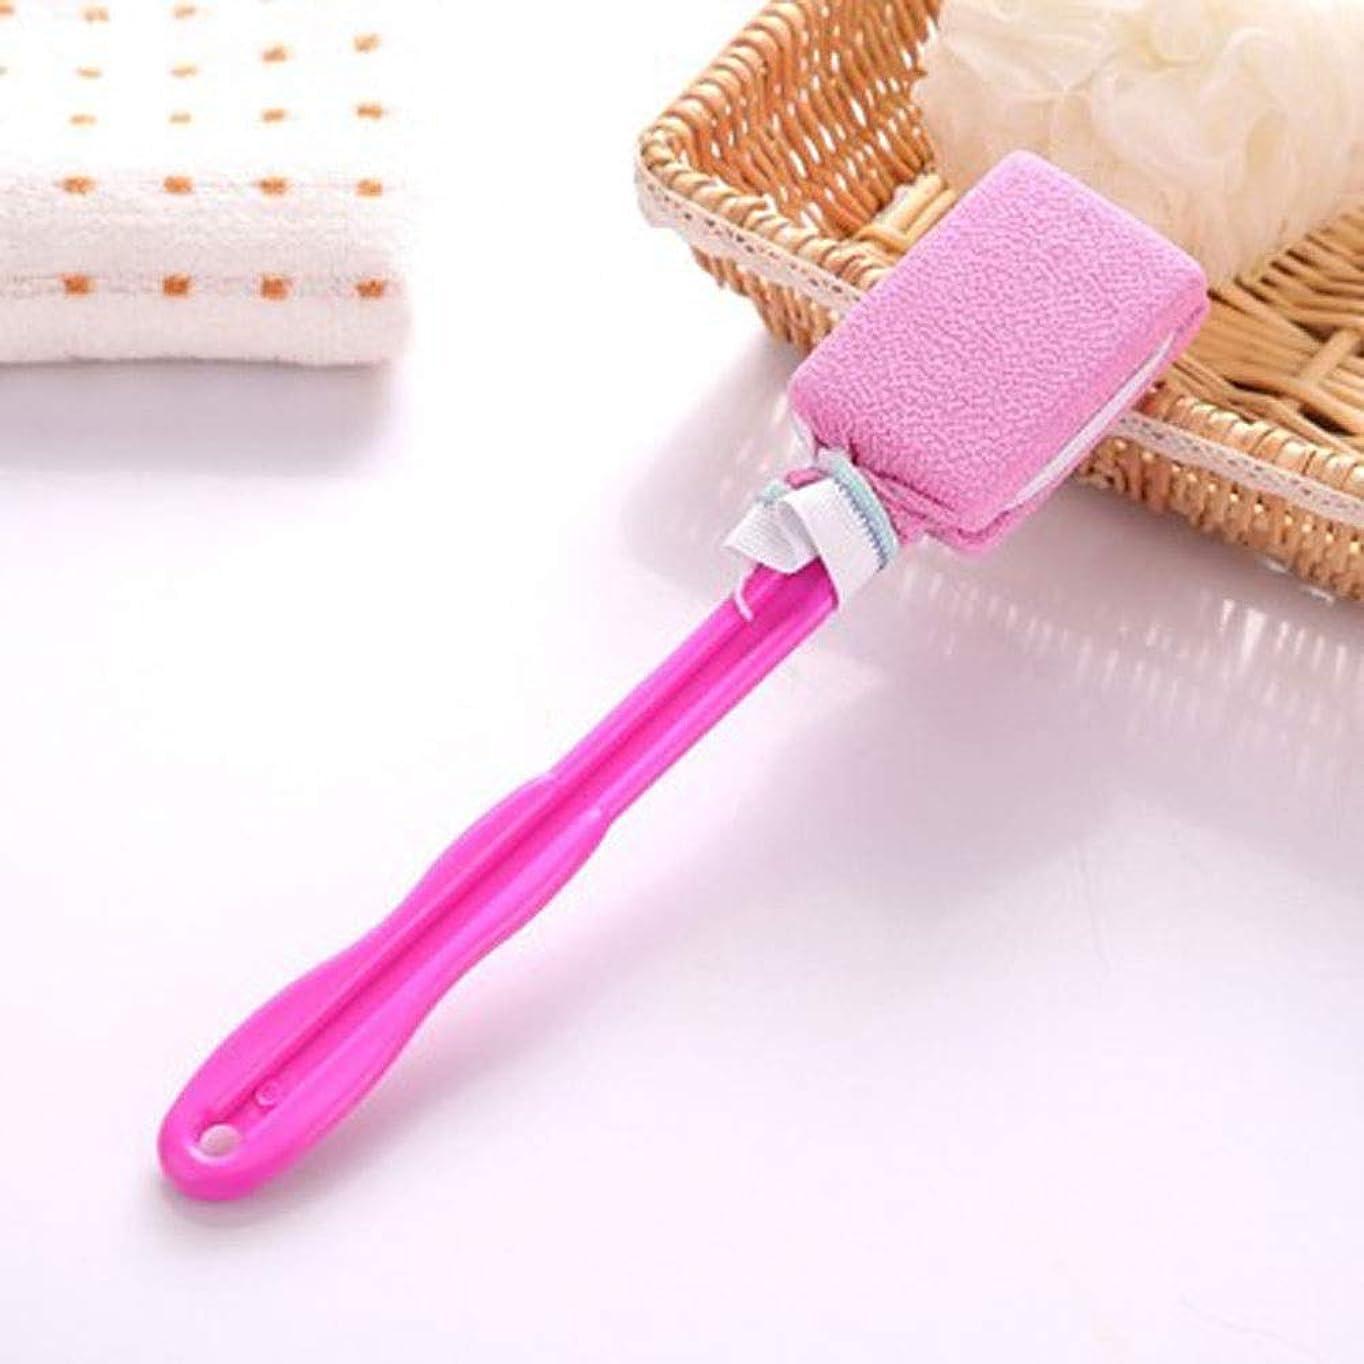 誘導慣れる確執YWAWJ 男性と女性のシャワーボディバックスクラバーの長いハンドルバックブラシでソフトバックボディをぶら下げ新しい長いハンドル (Color : Pink)